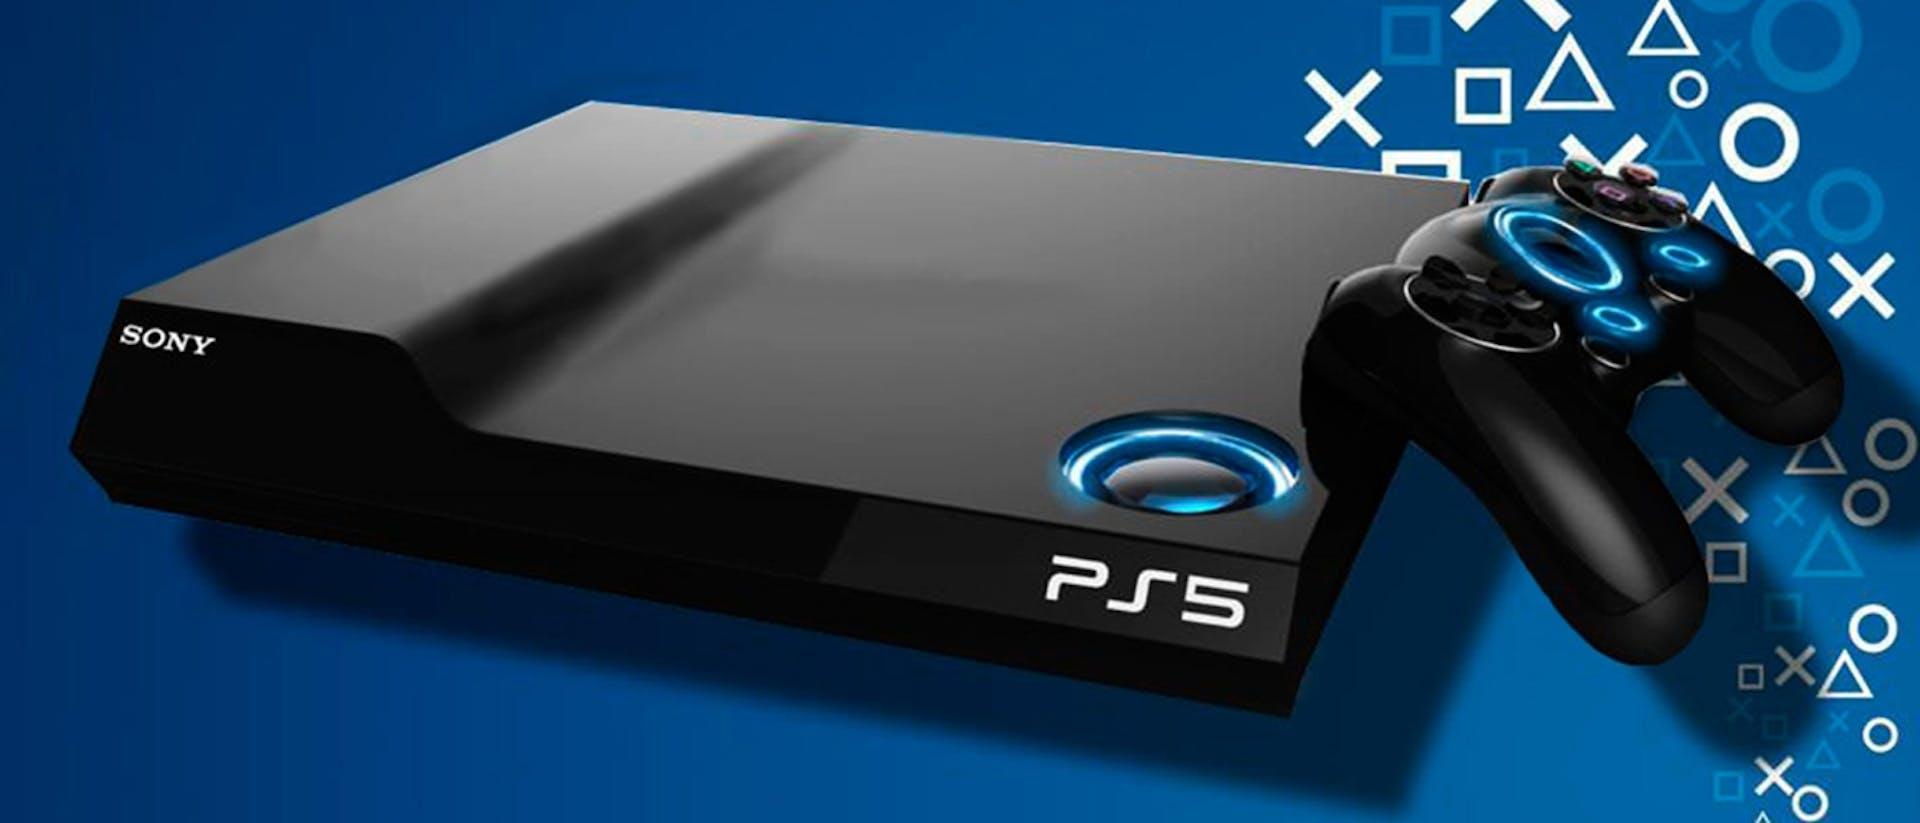 Sony confirma fecha de lanzamiento de PlayStation 5